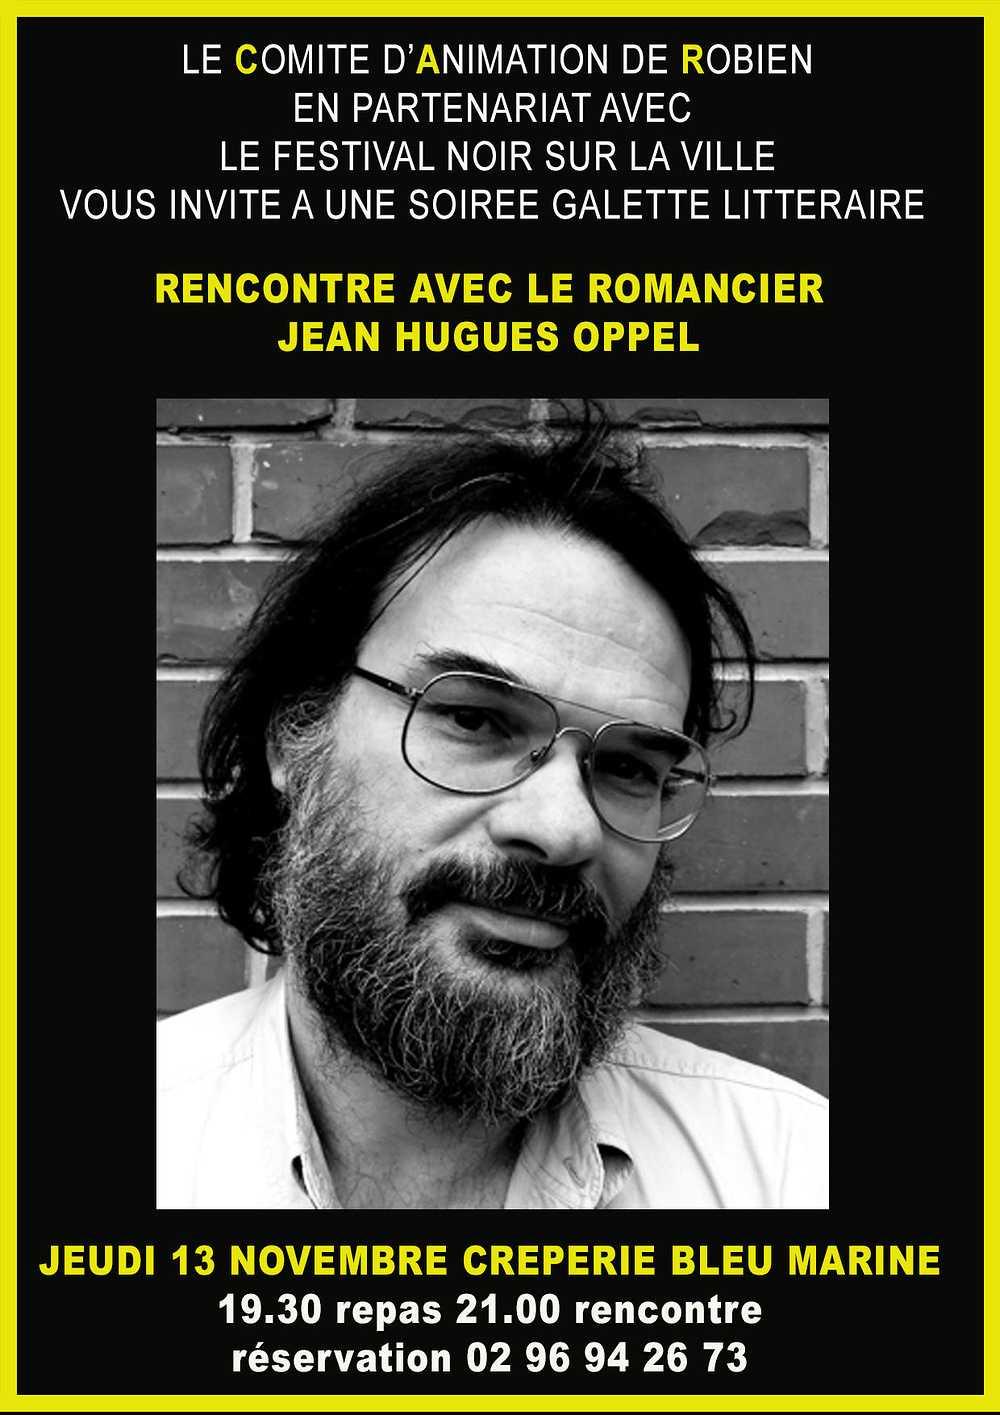 Galette littéraire avec Jean-Hugues Oppel 0